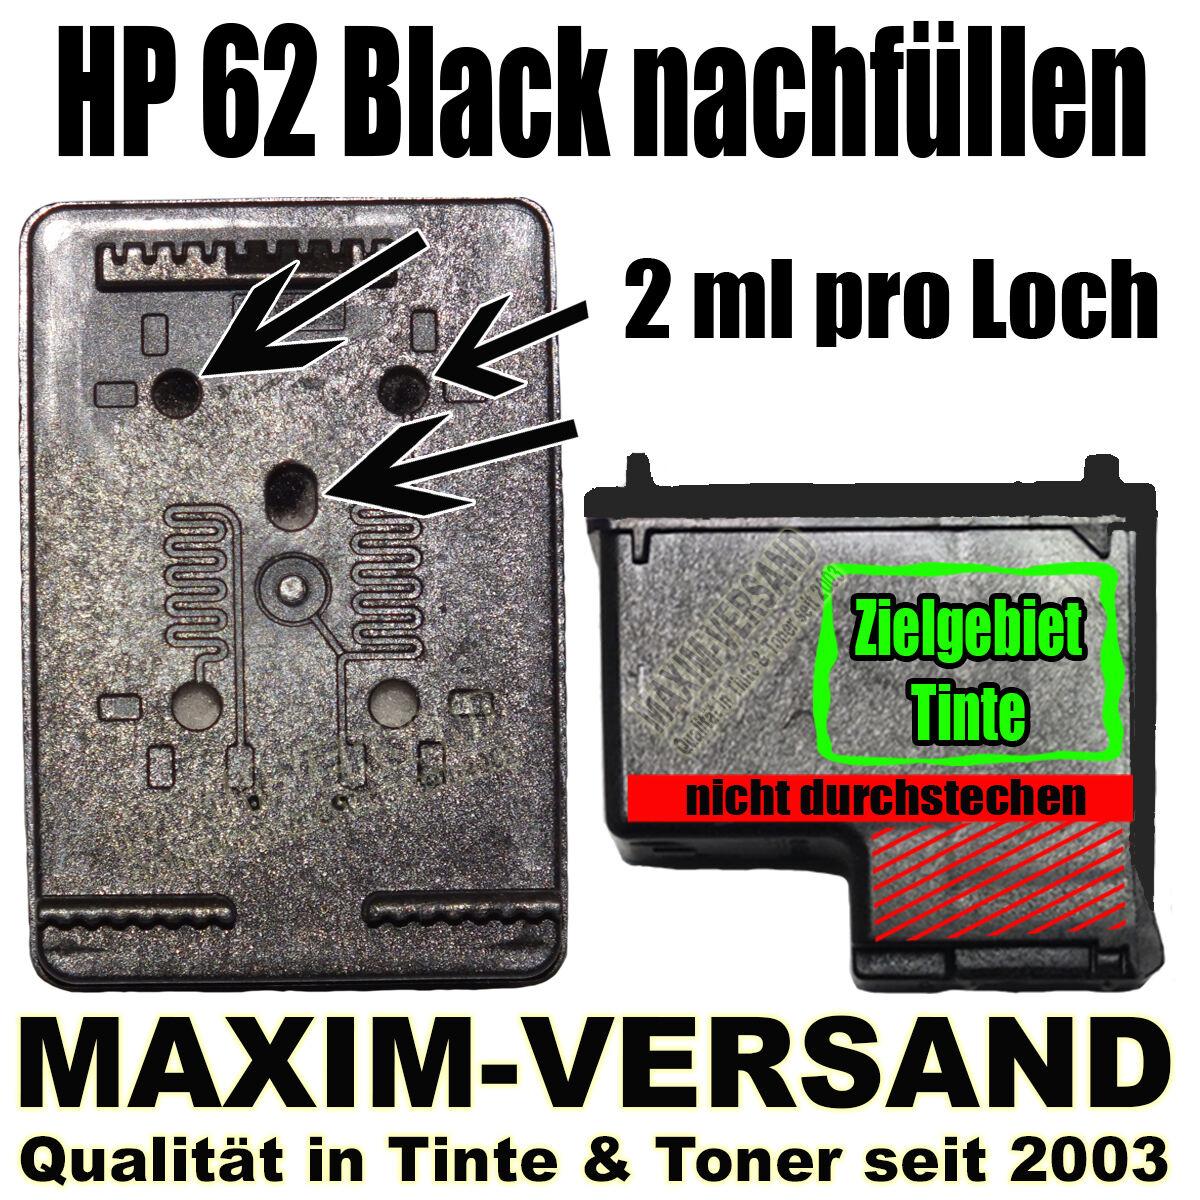 HP 62 Black nachfüllen